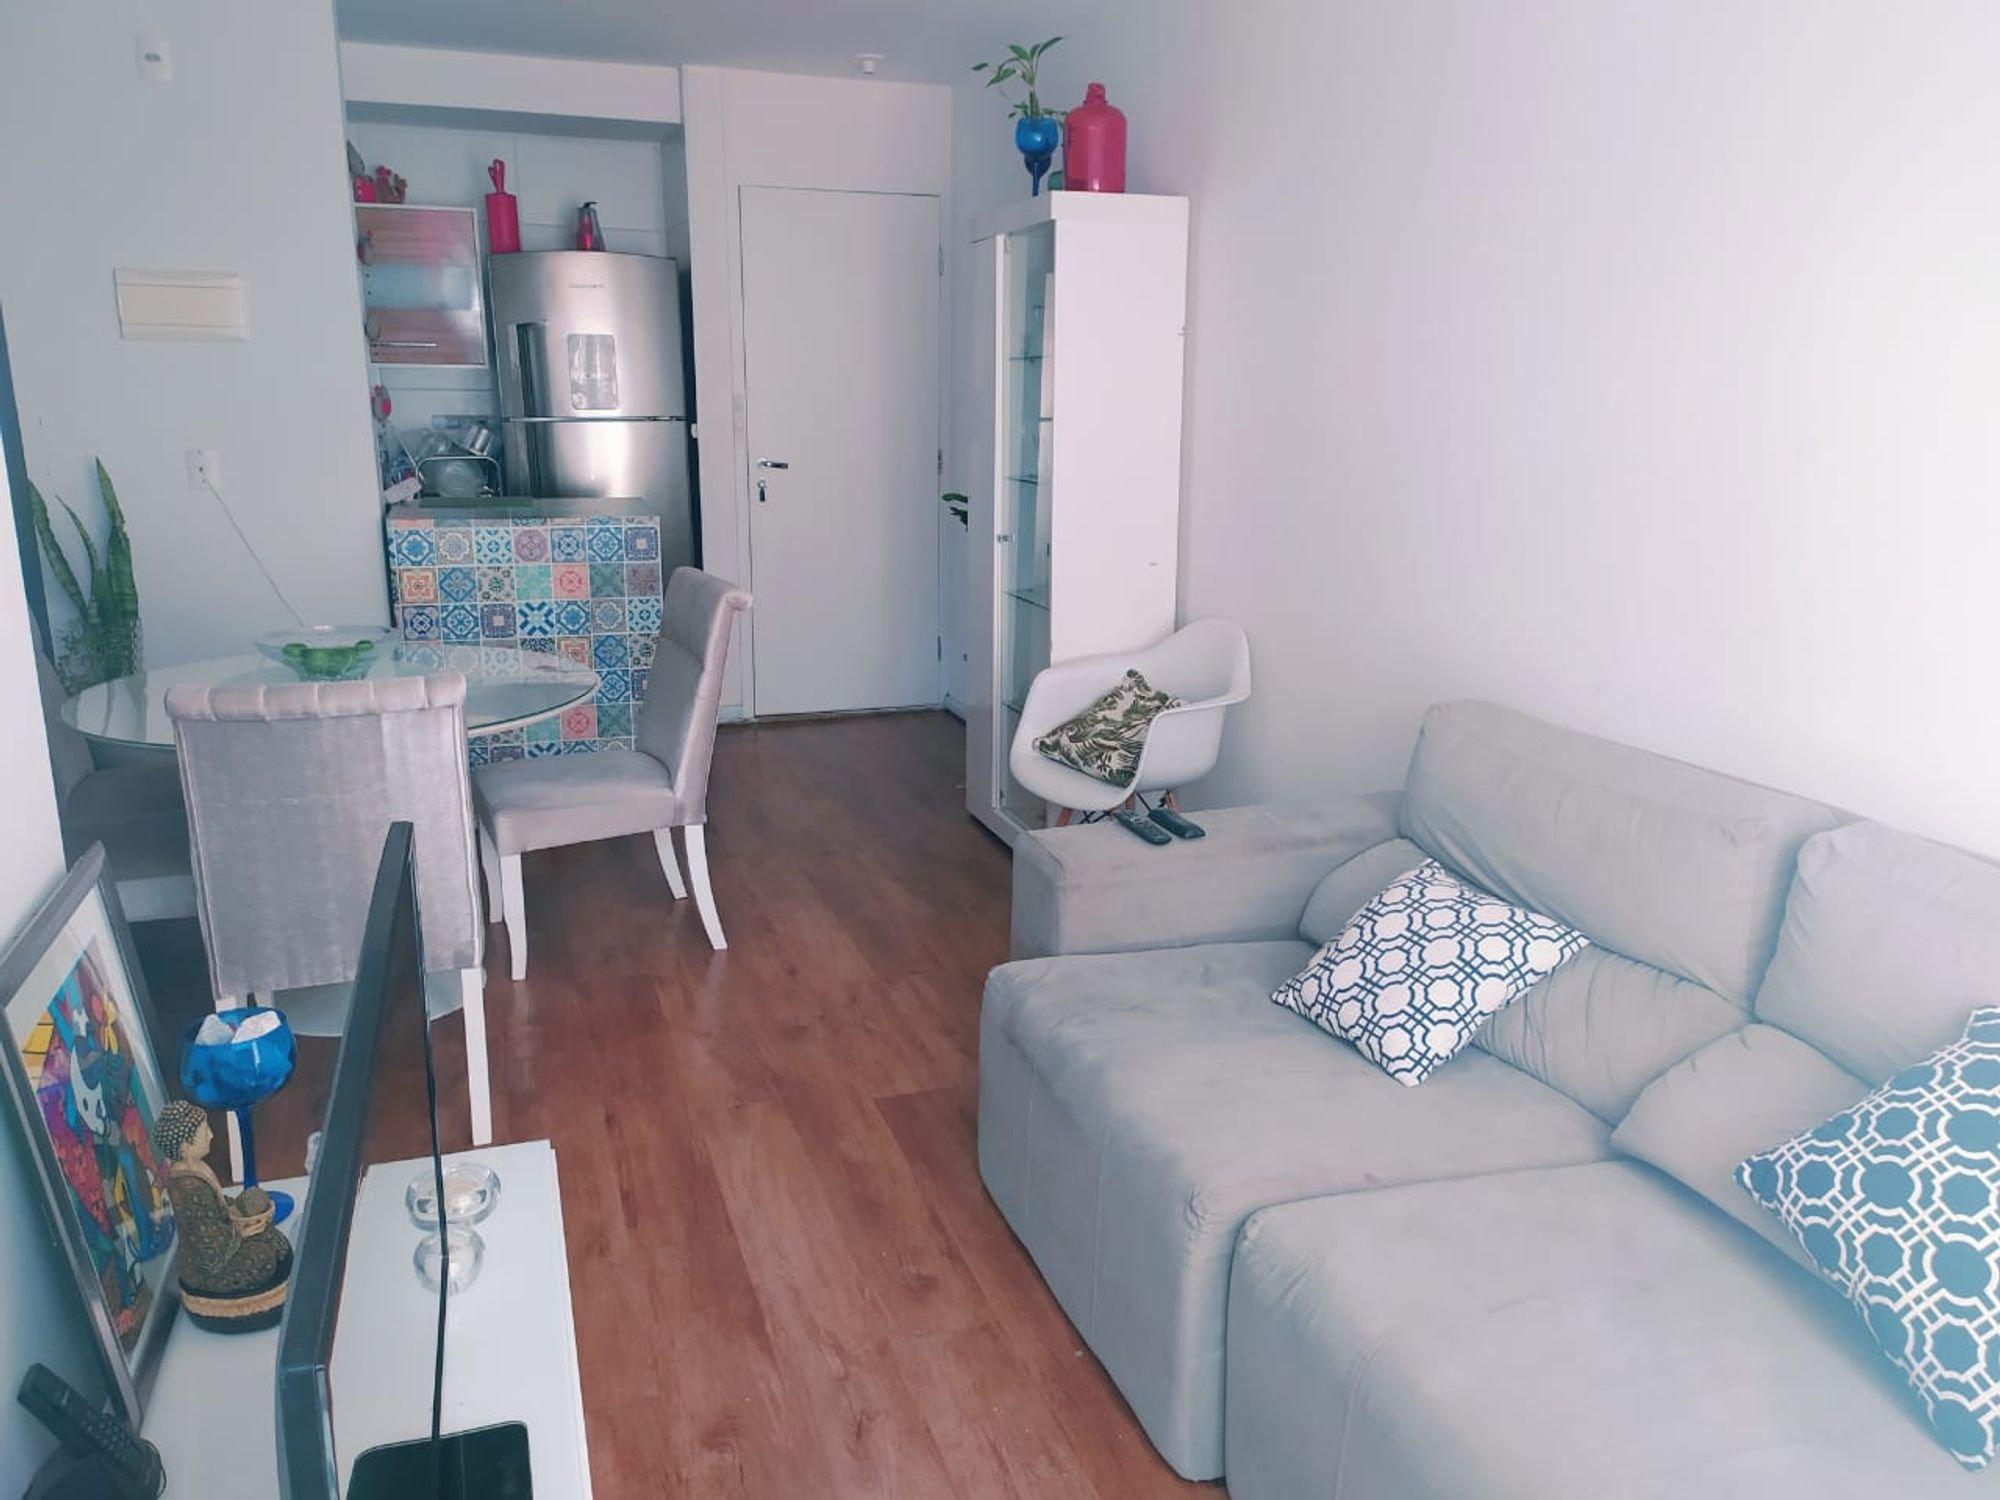 Foto de Sala com vaso de planta, maçã, cadeira, sofá, garrafa, tigela, geladeira